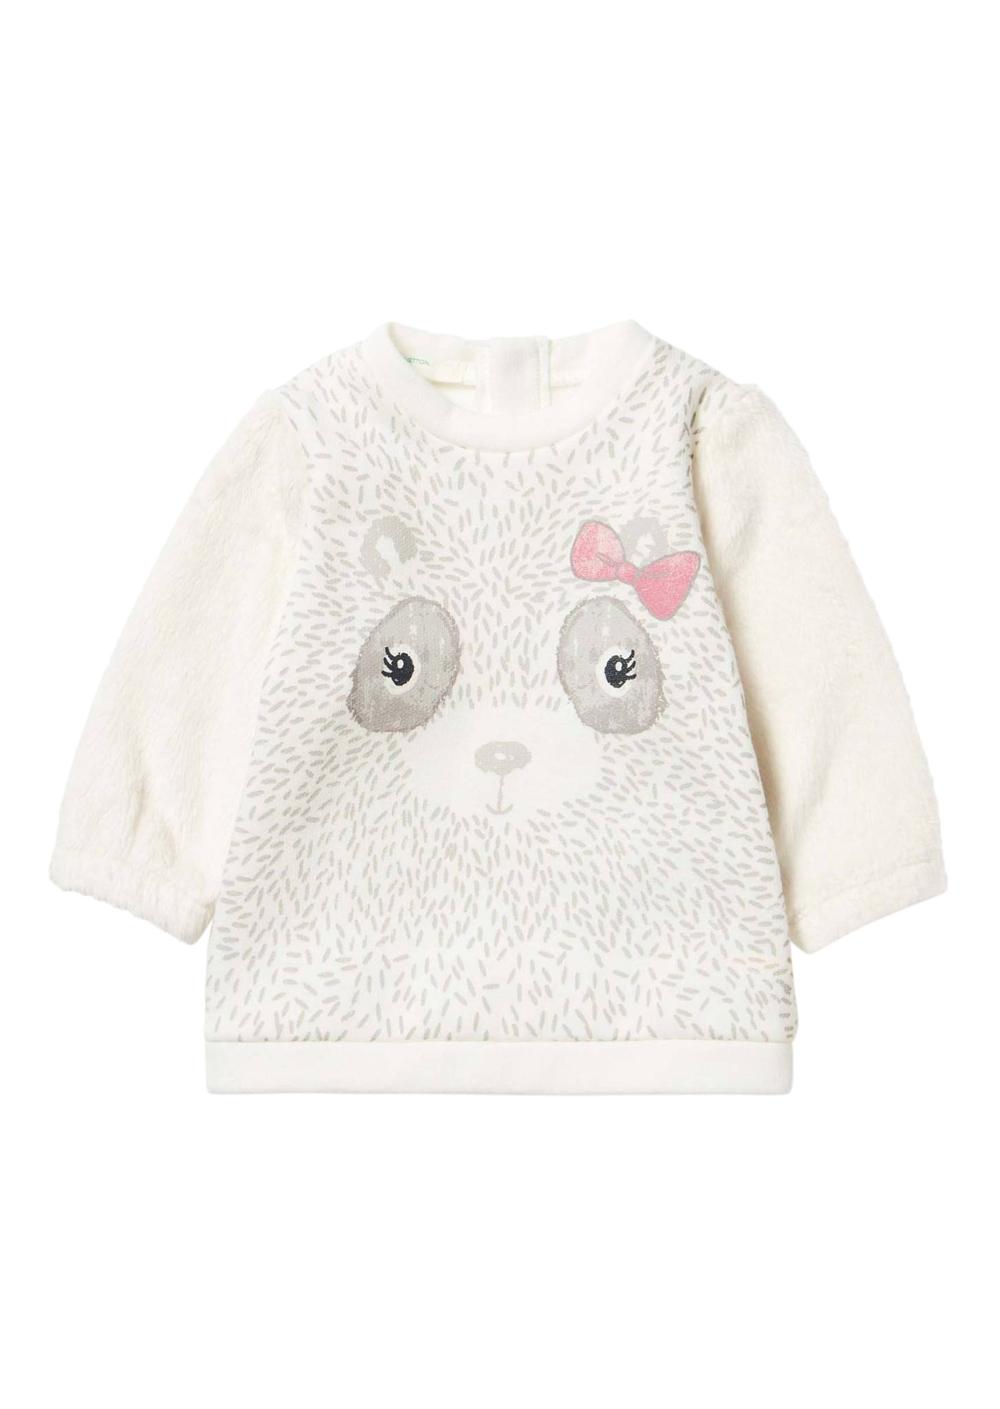 0f7f6e4d2 Newborn-Sweatshirt 5